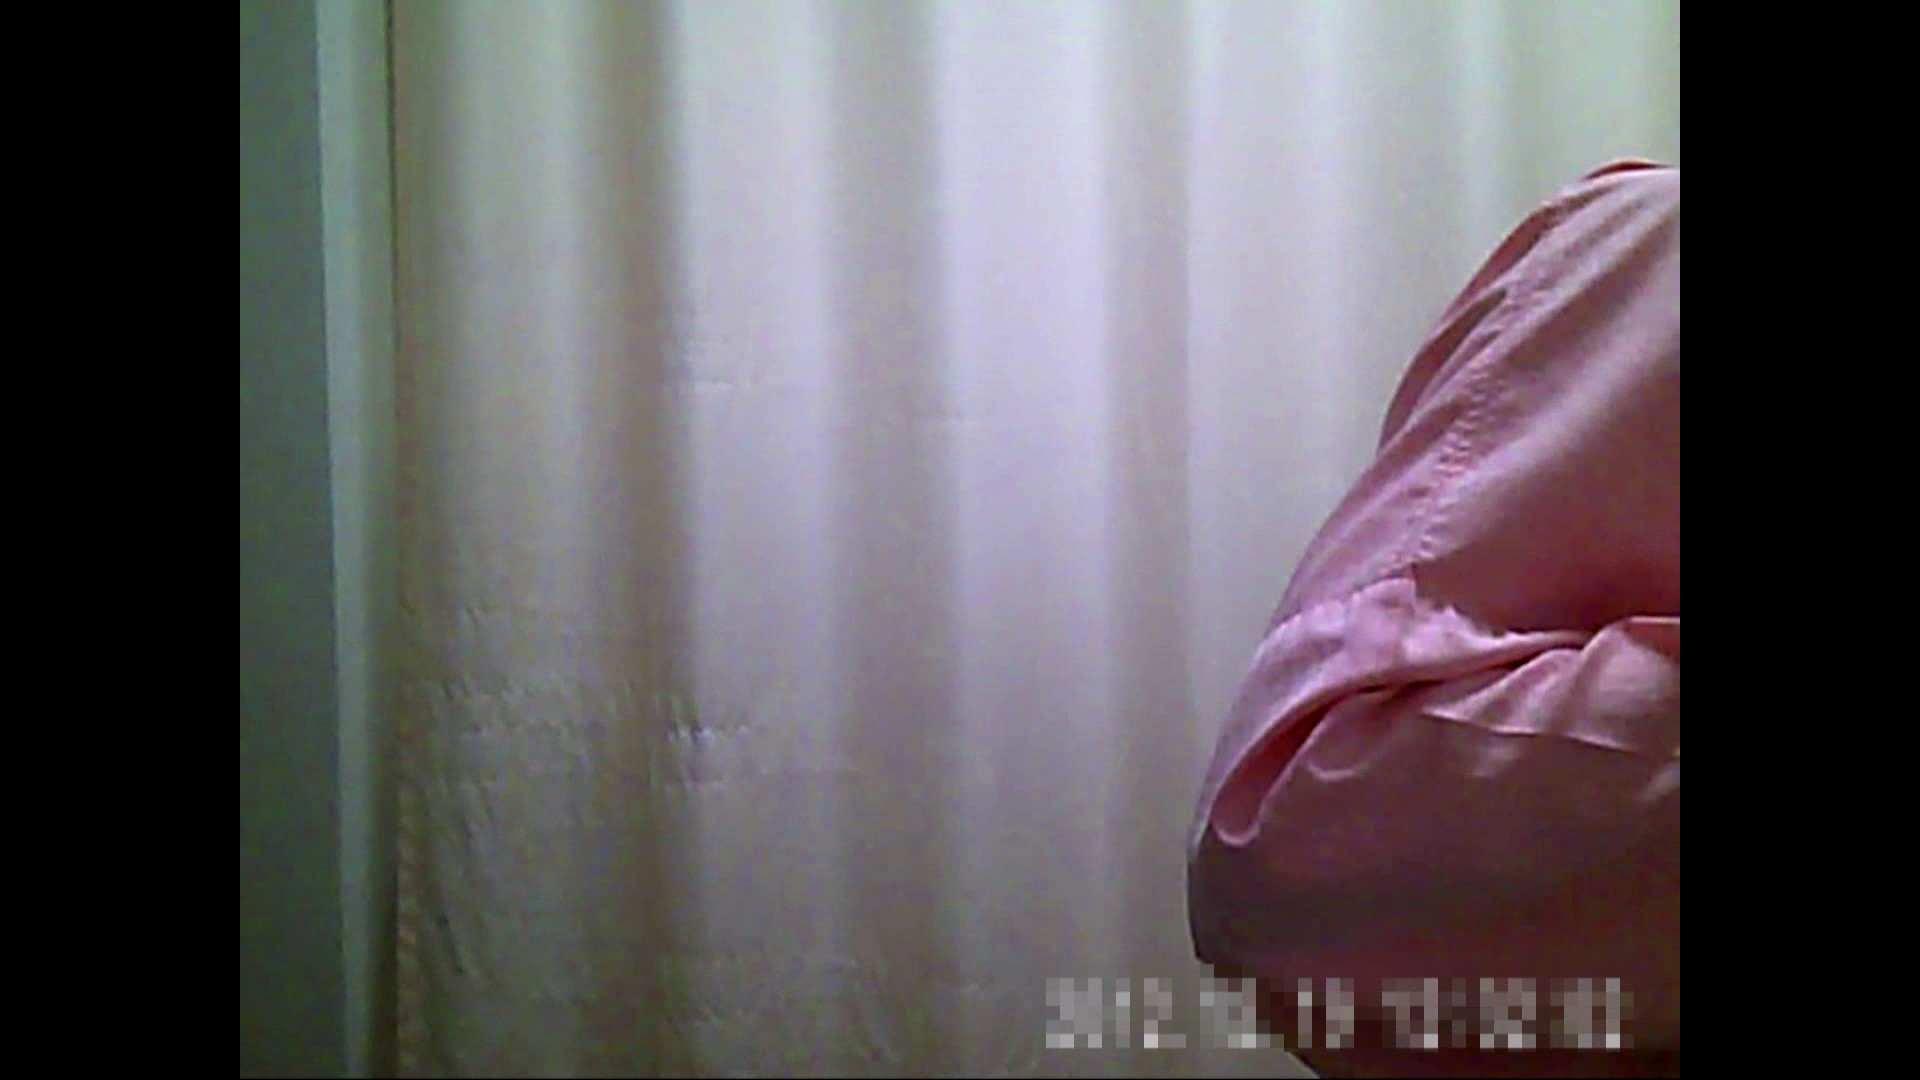 病院おもいっきり着替え! vol.181 巨乳 ヌード画像 102pic 67